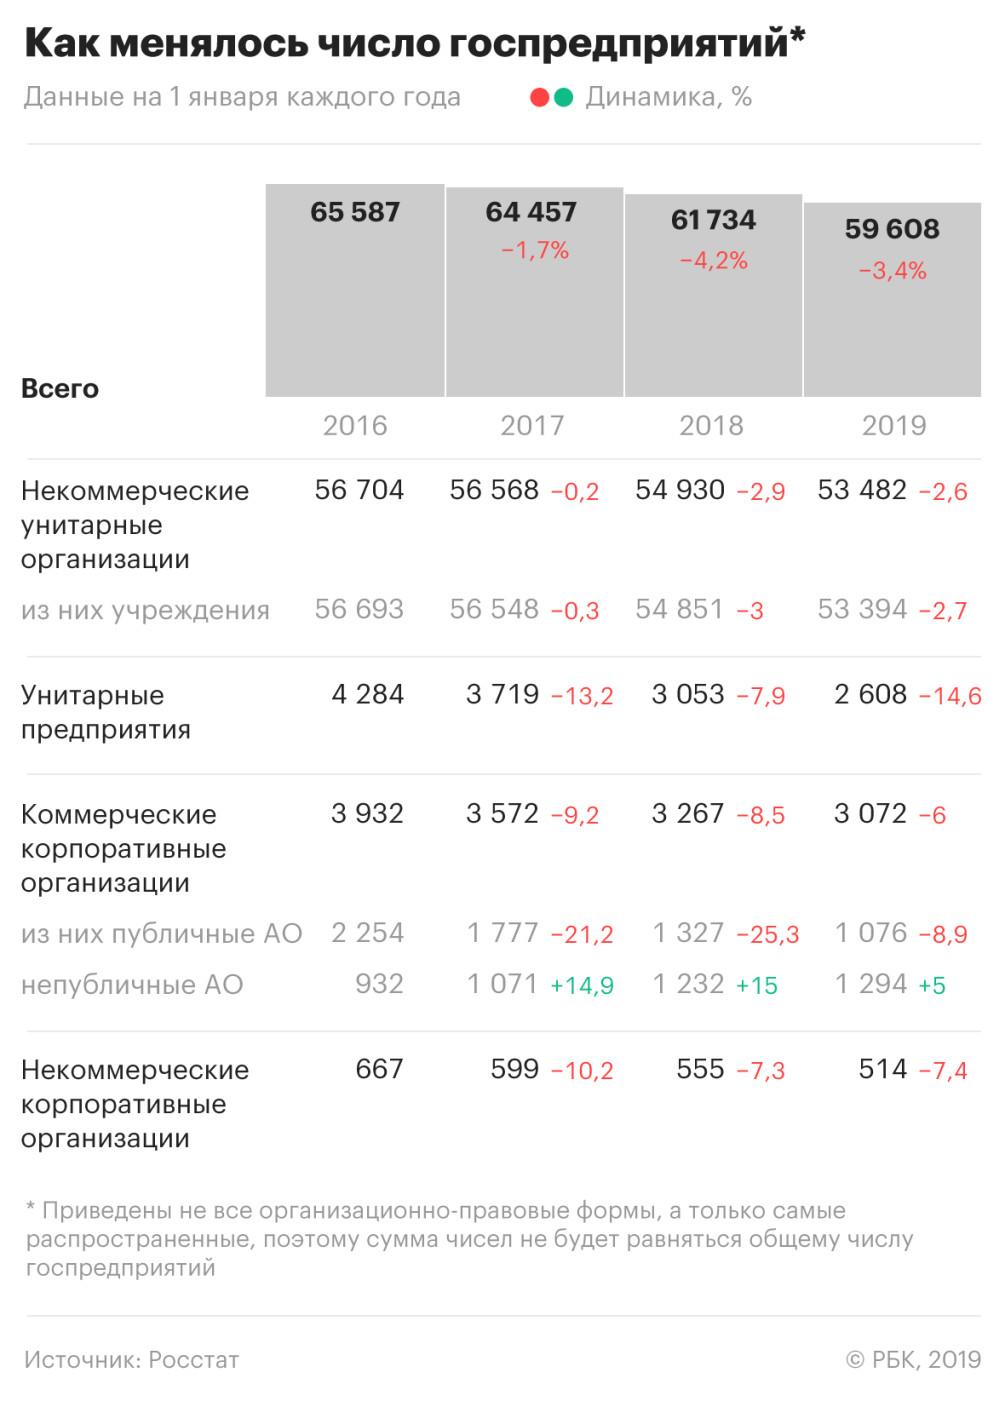 Сколько совместных предприятий работает в россии